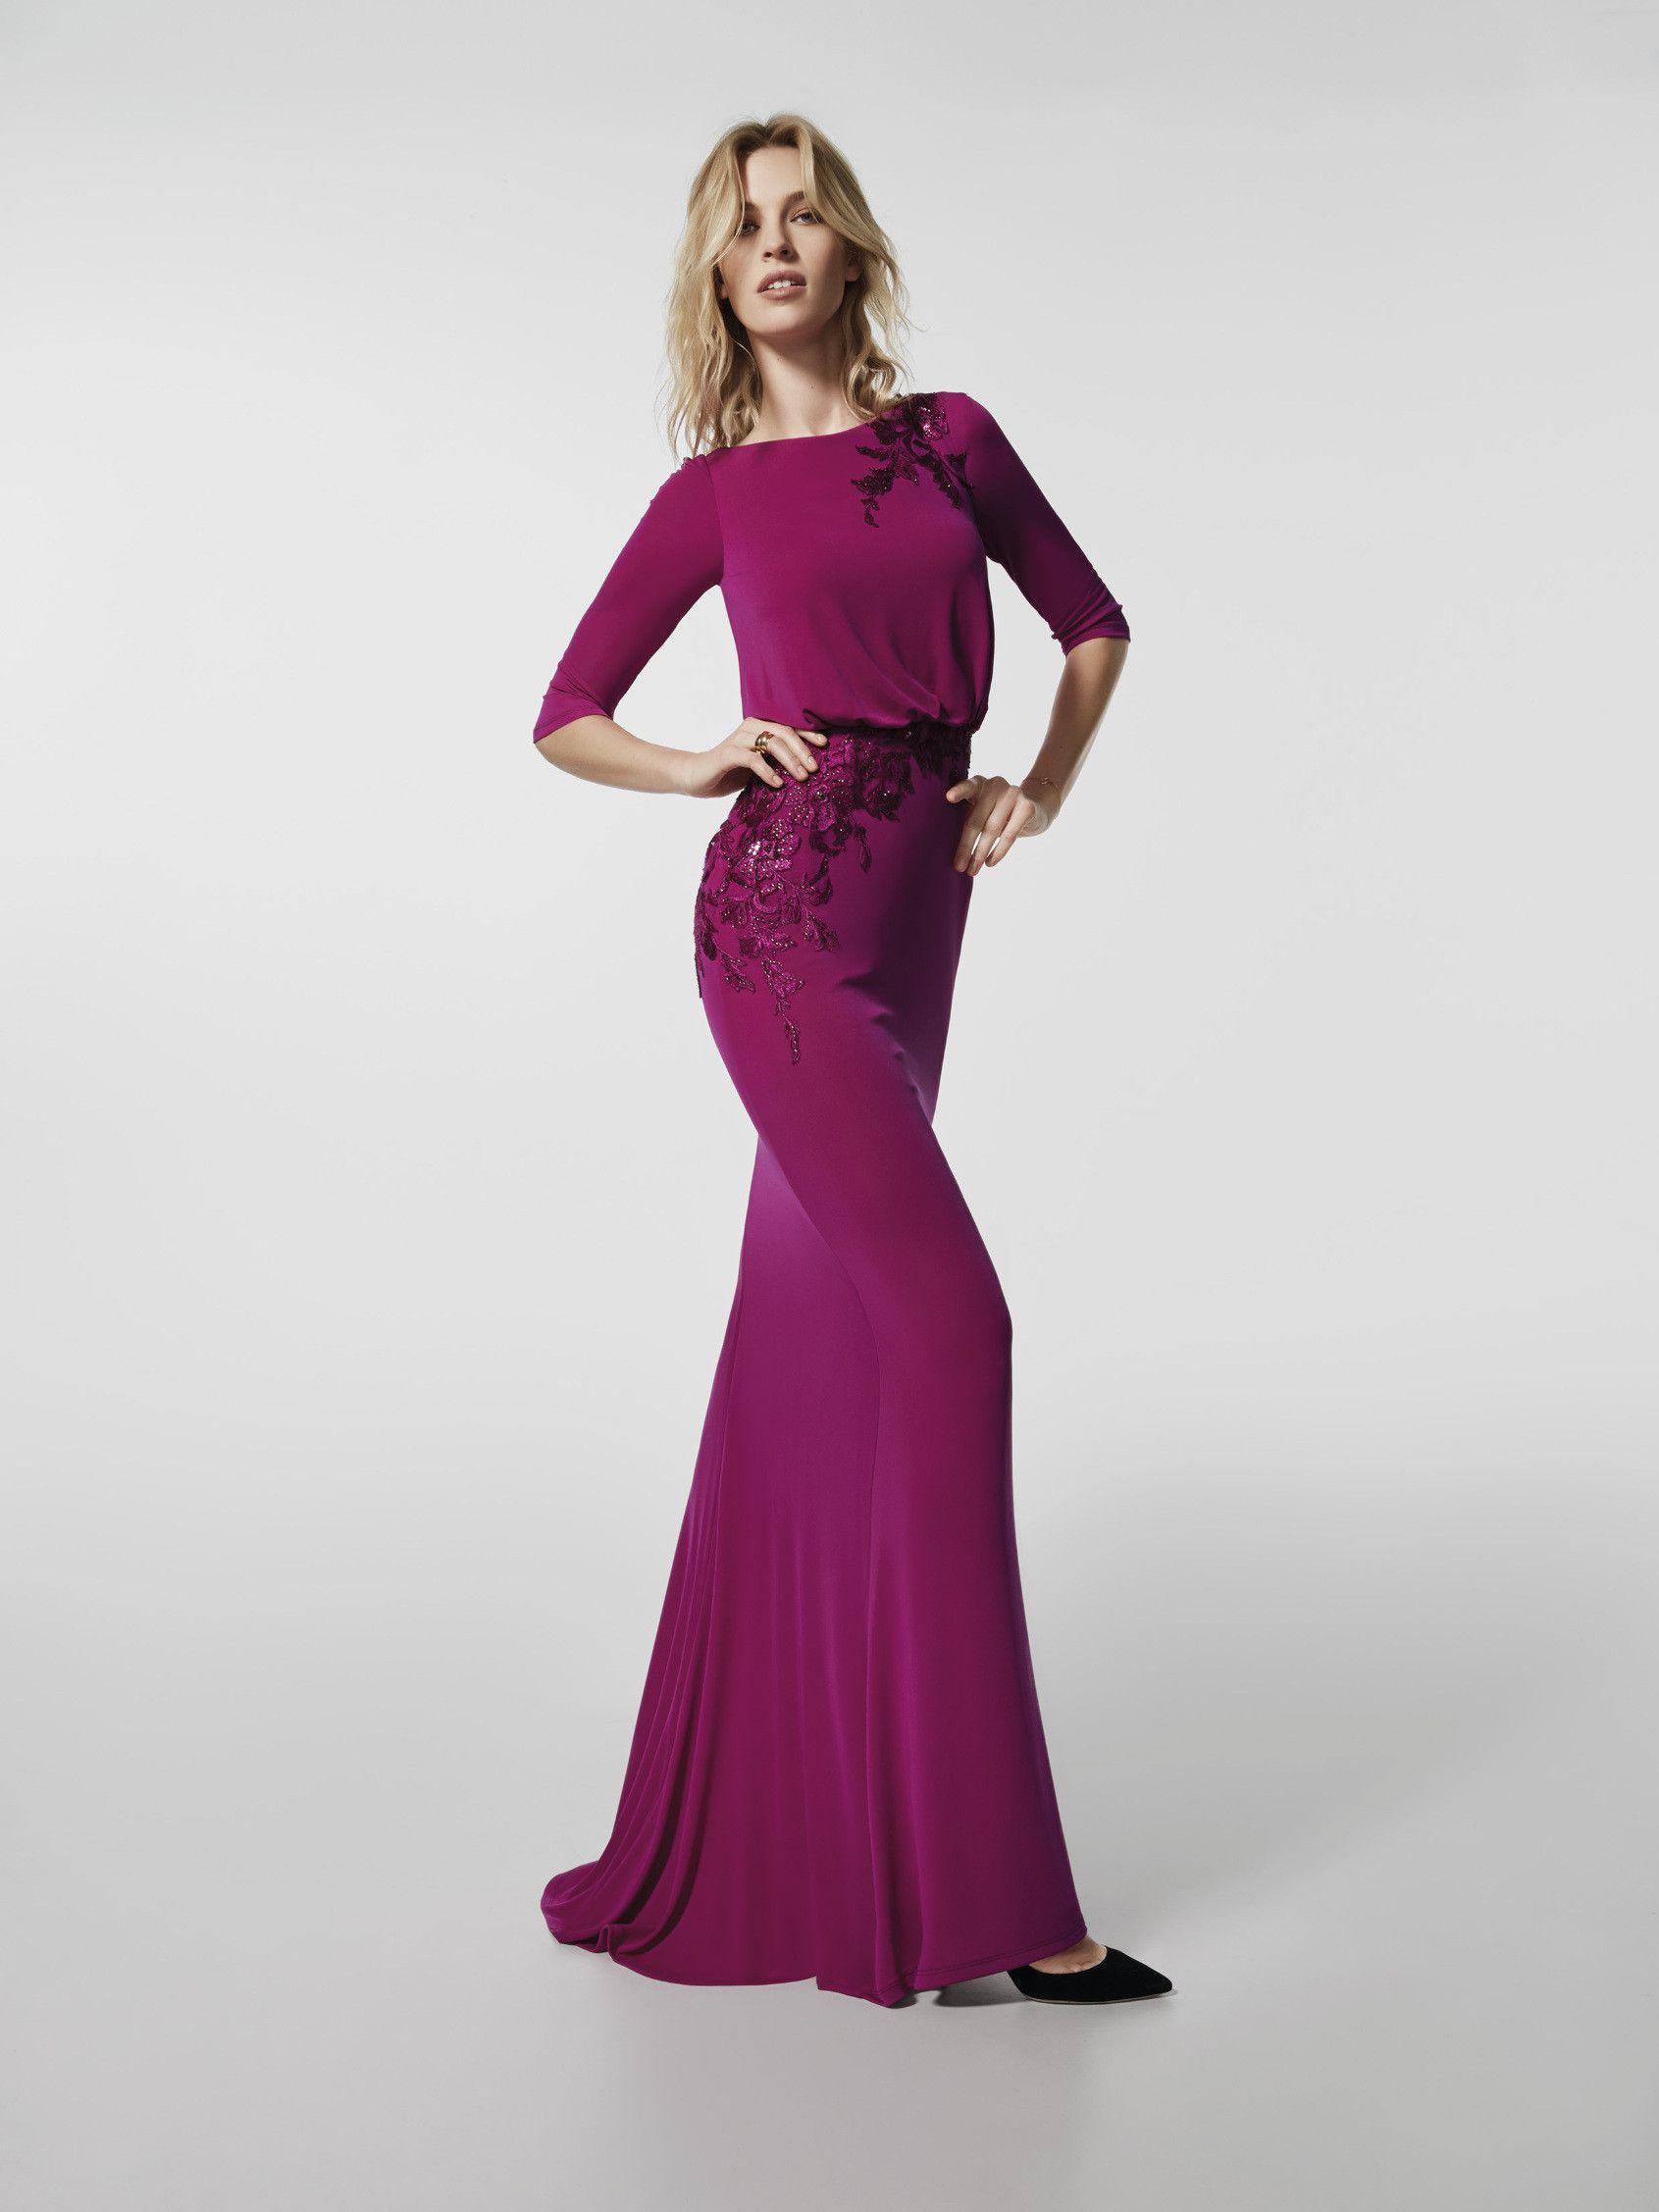 Vestido de fiesta (modelo GRADILA) de color rosa con un escote ...